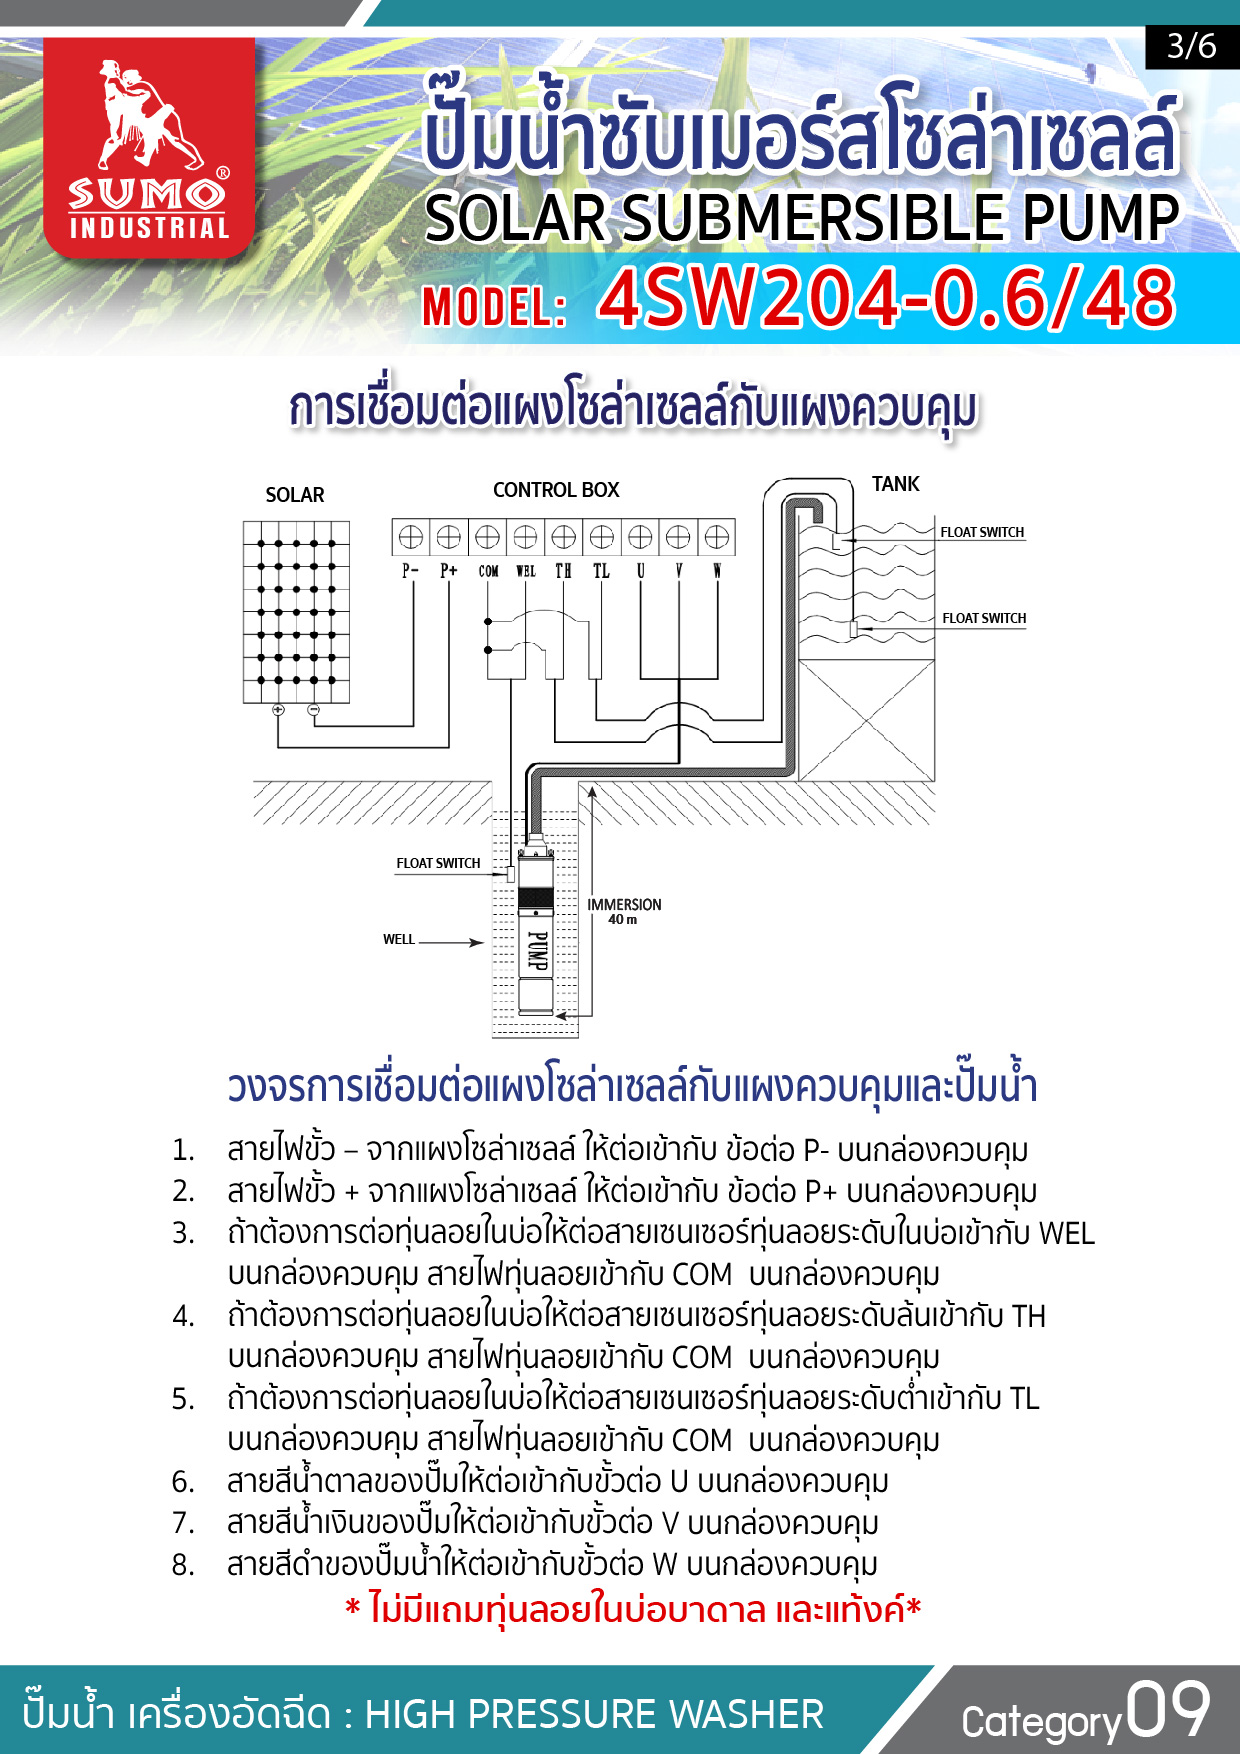 (3/7) ปั๊มน้ำซับเมอร์สโซล่าร์เซลล์